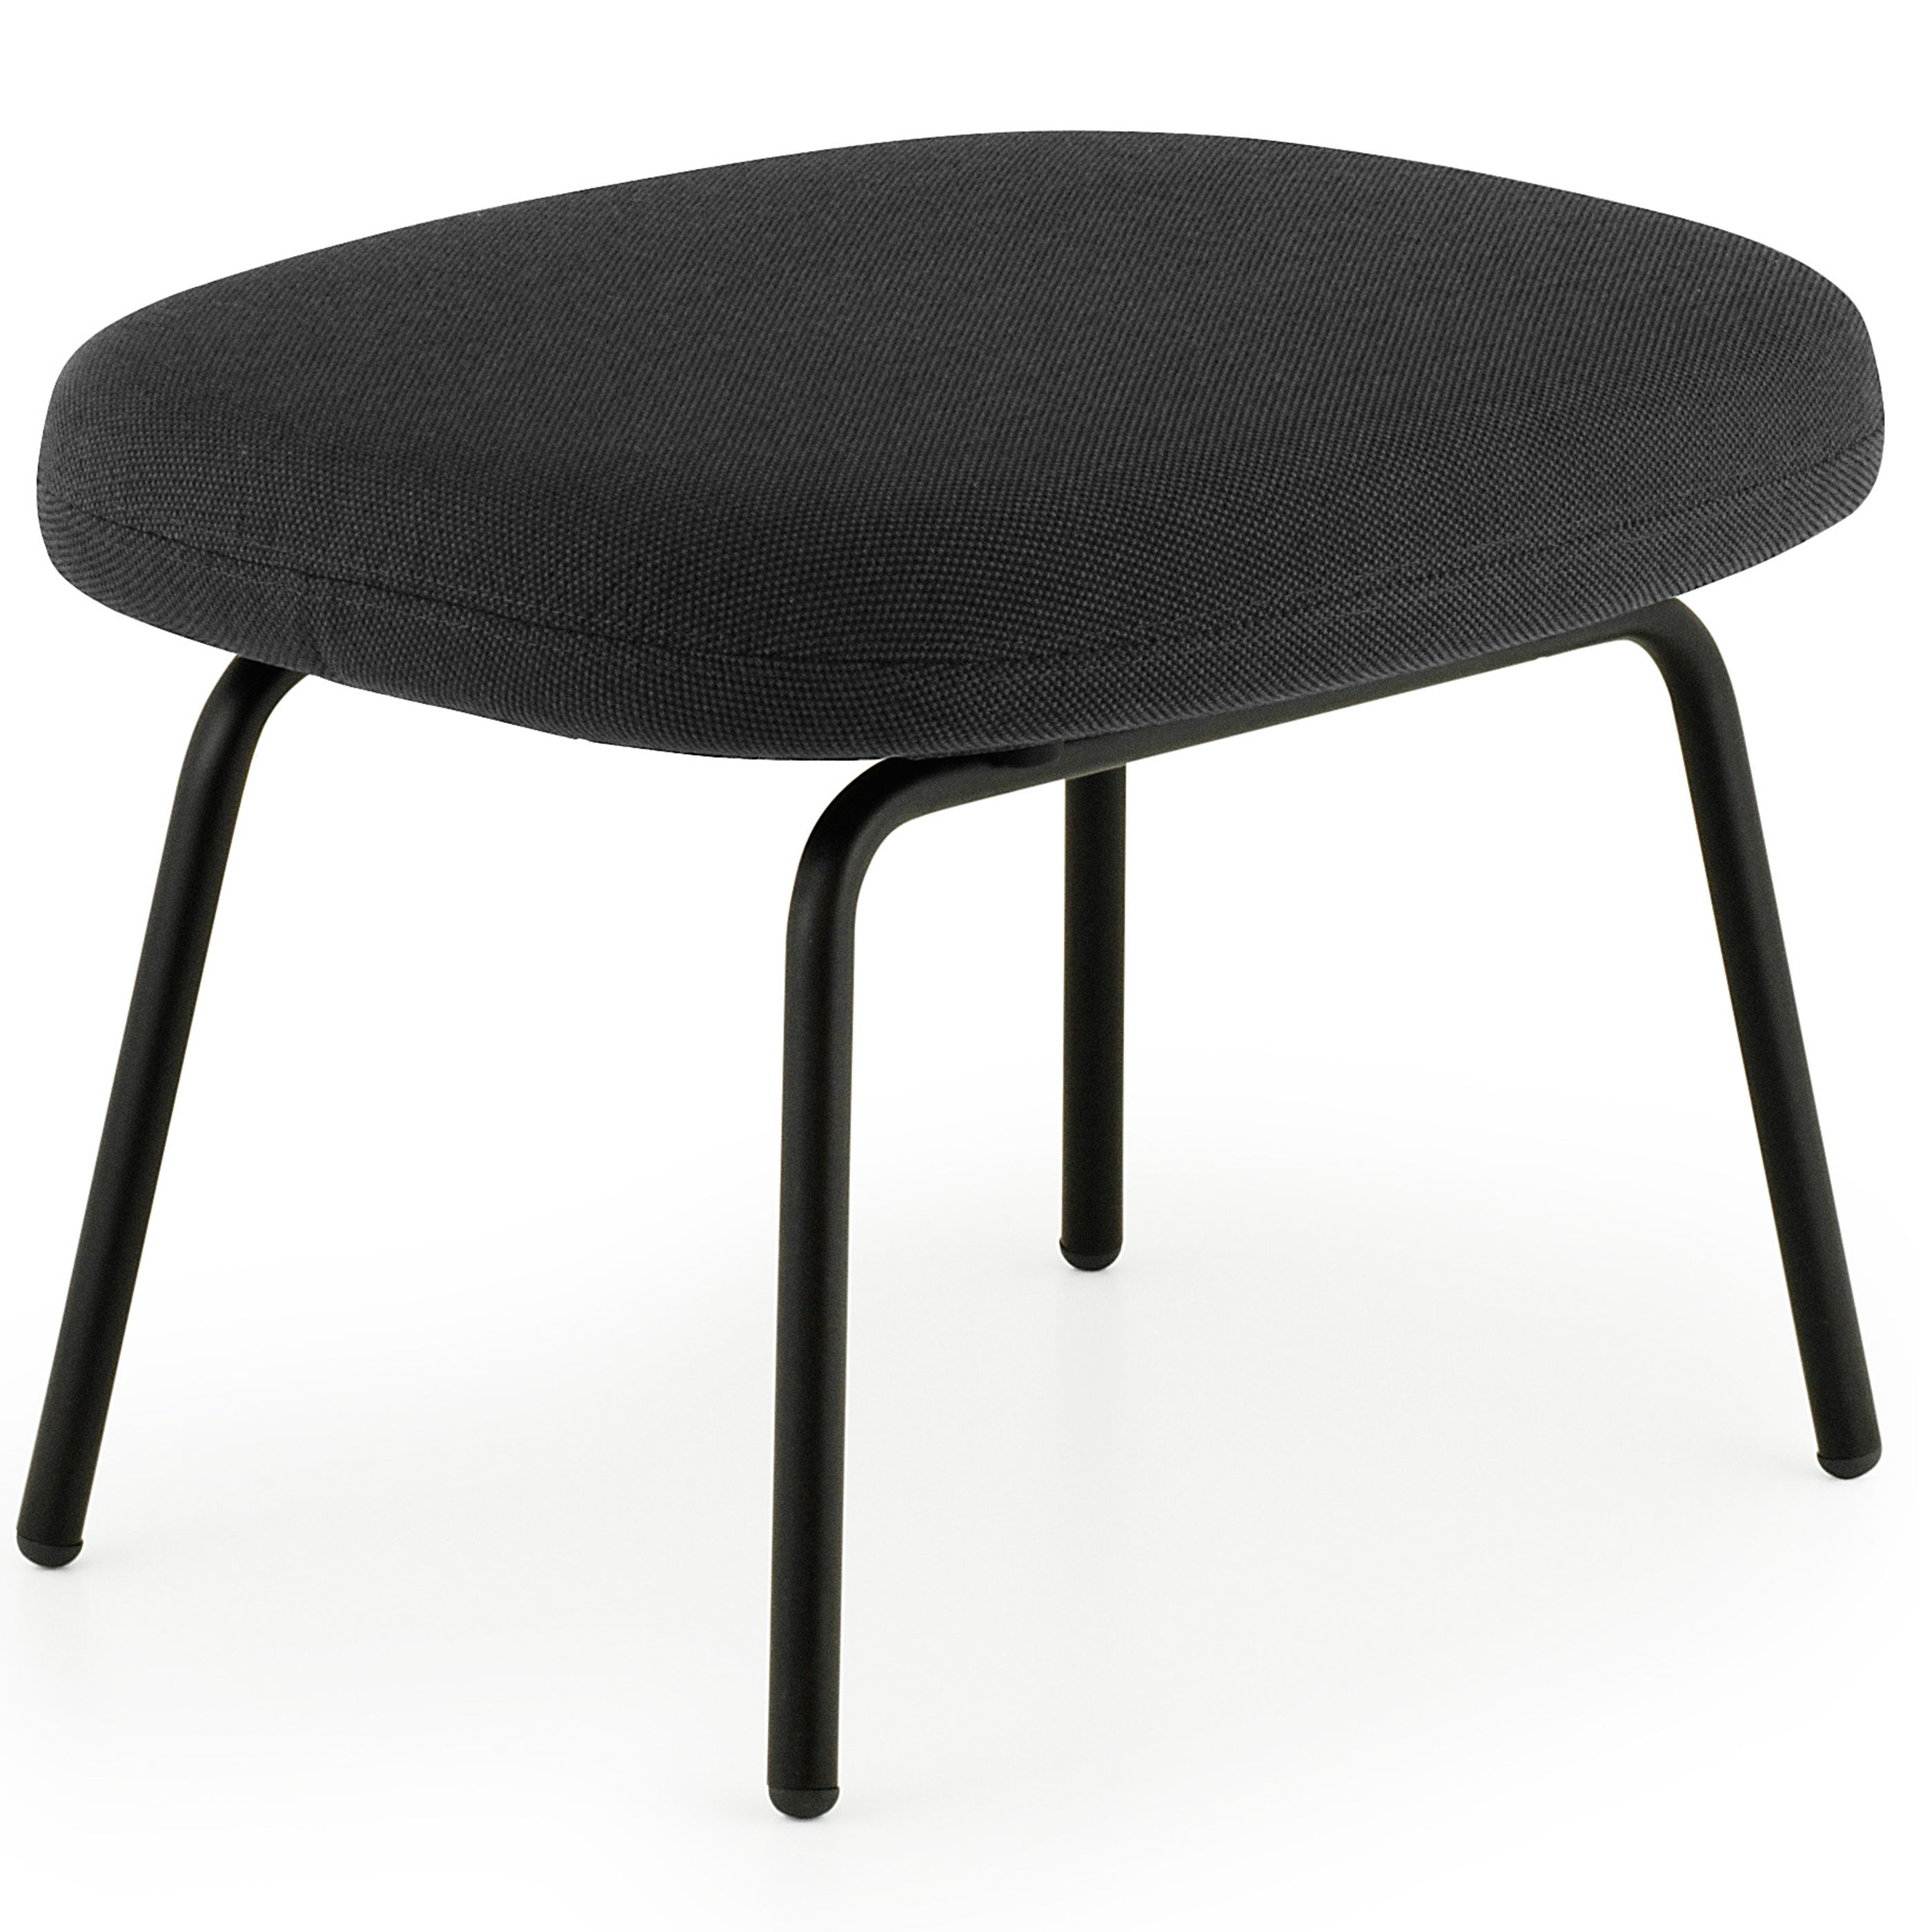 Normann Copenhagen Era Footstool voetenbank met zwart stalen onderstel Breeze Fusion zwart kopen